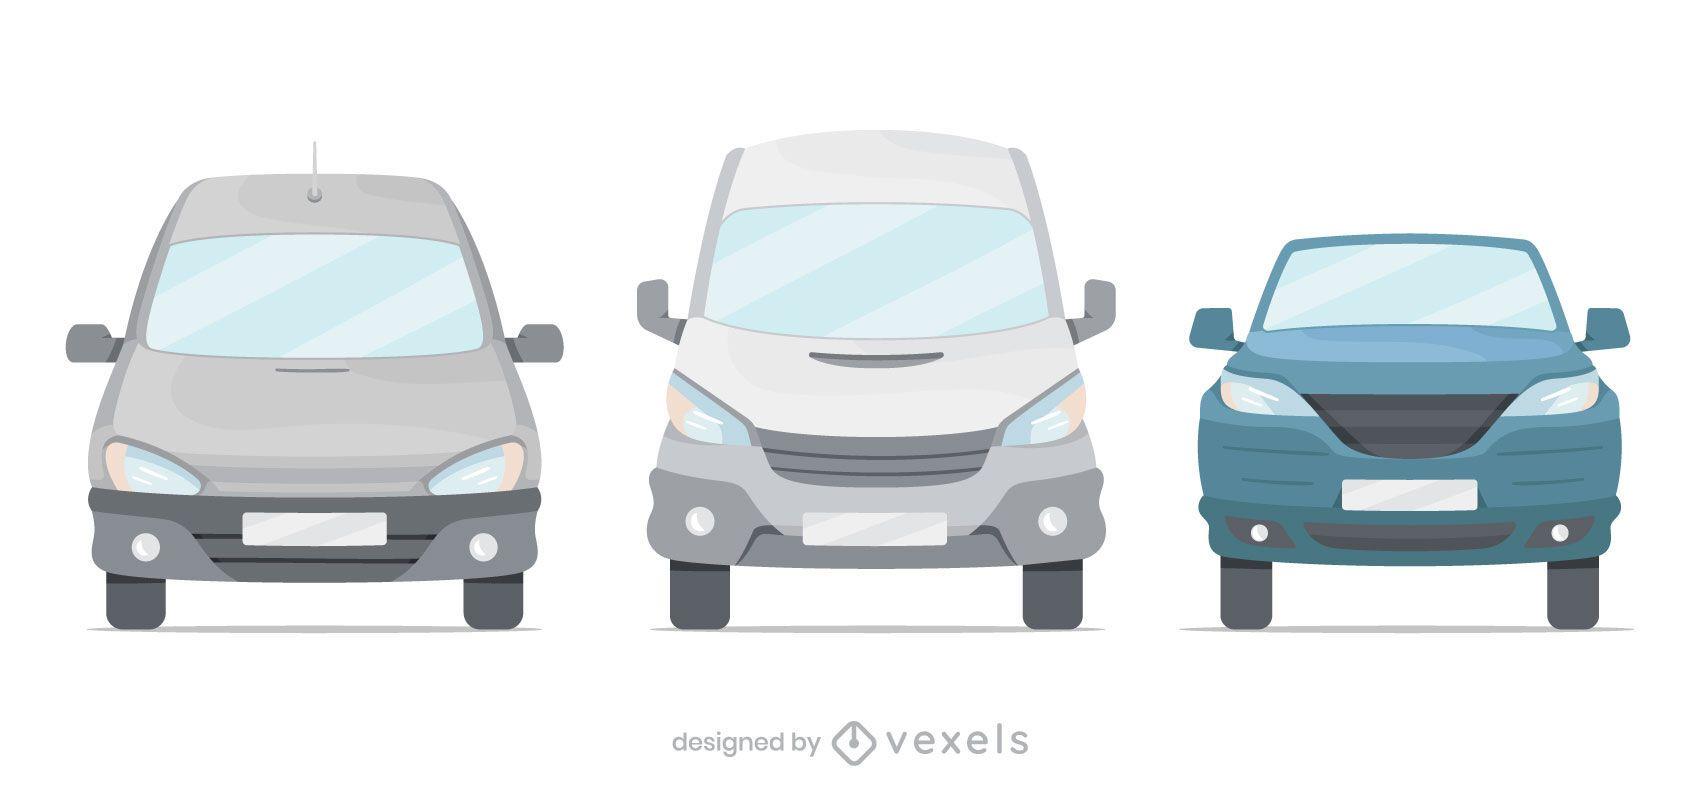 Front vans illustration set